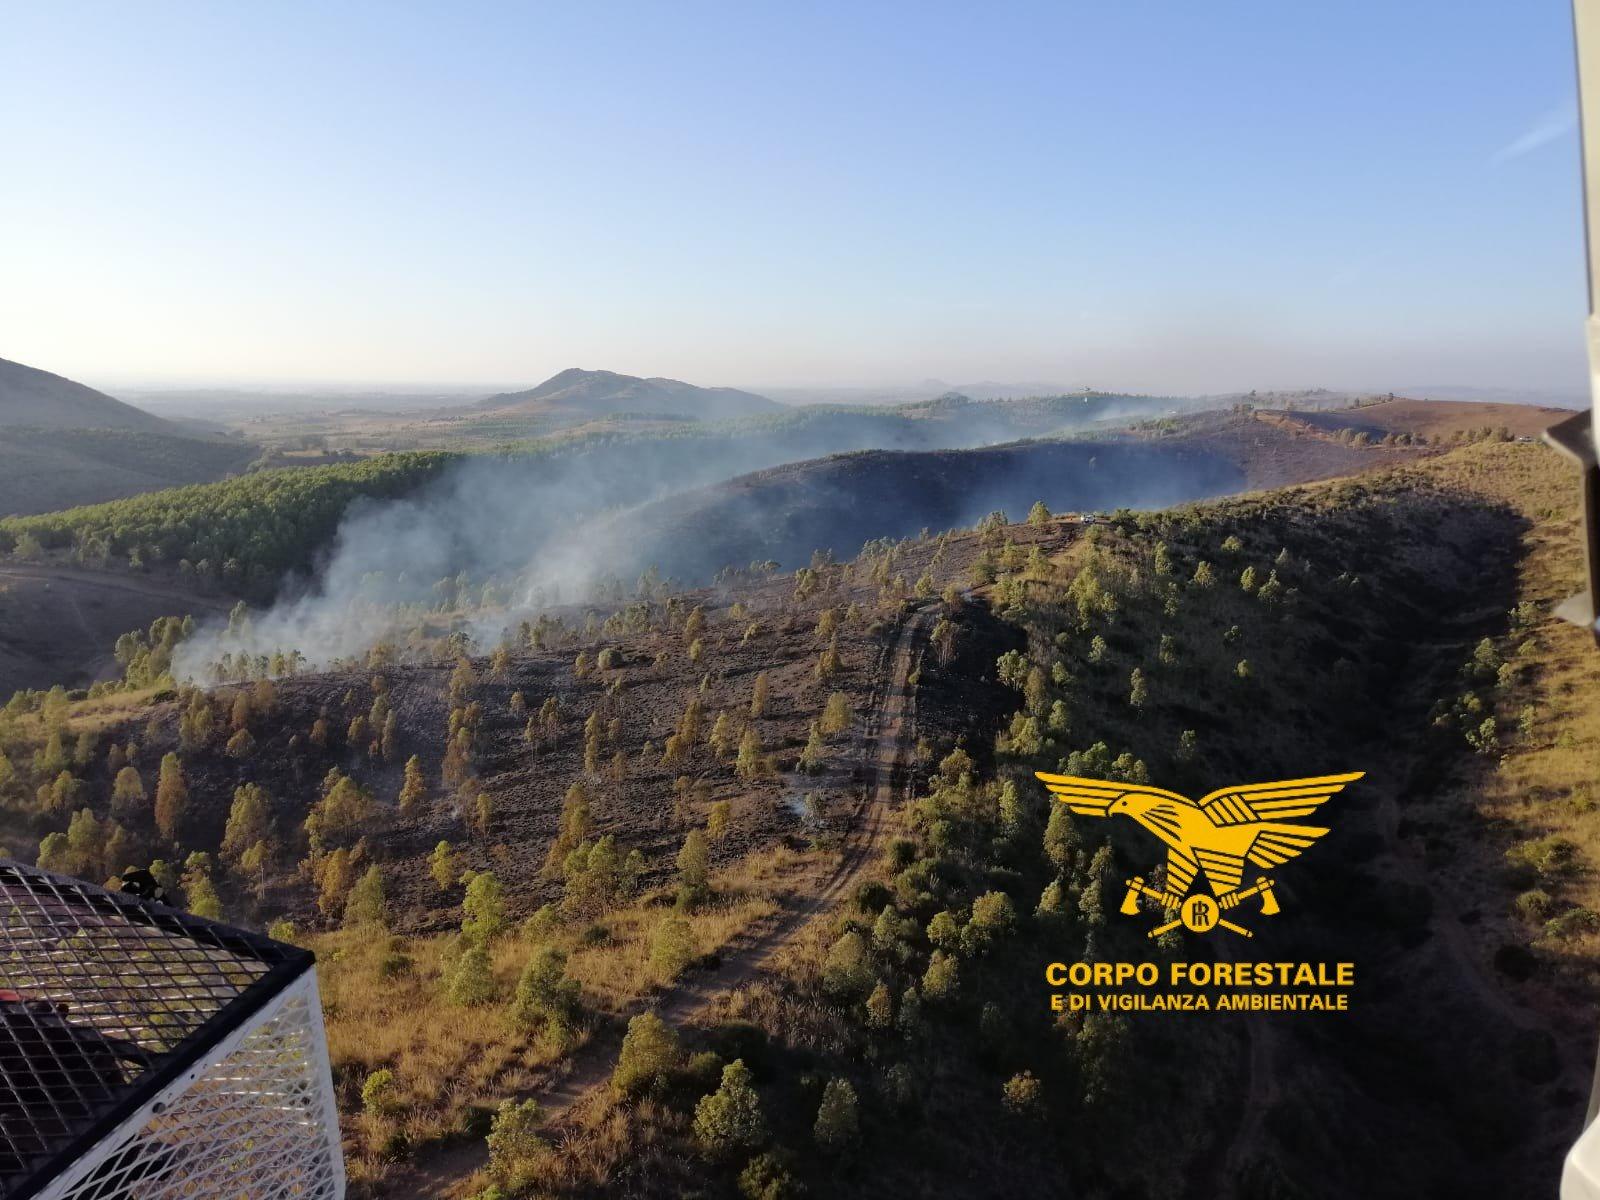 Nella giornata odierna, su un totale di 18 incendi, 2 hanno richiesto l'intervento del mezzo aereo del Corpo forestale.